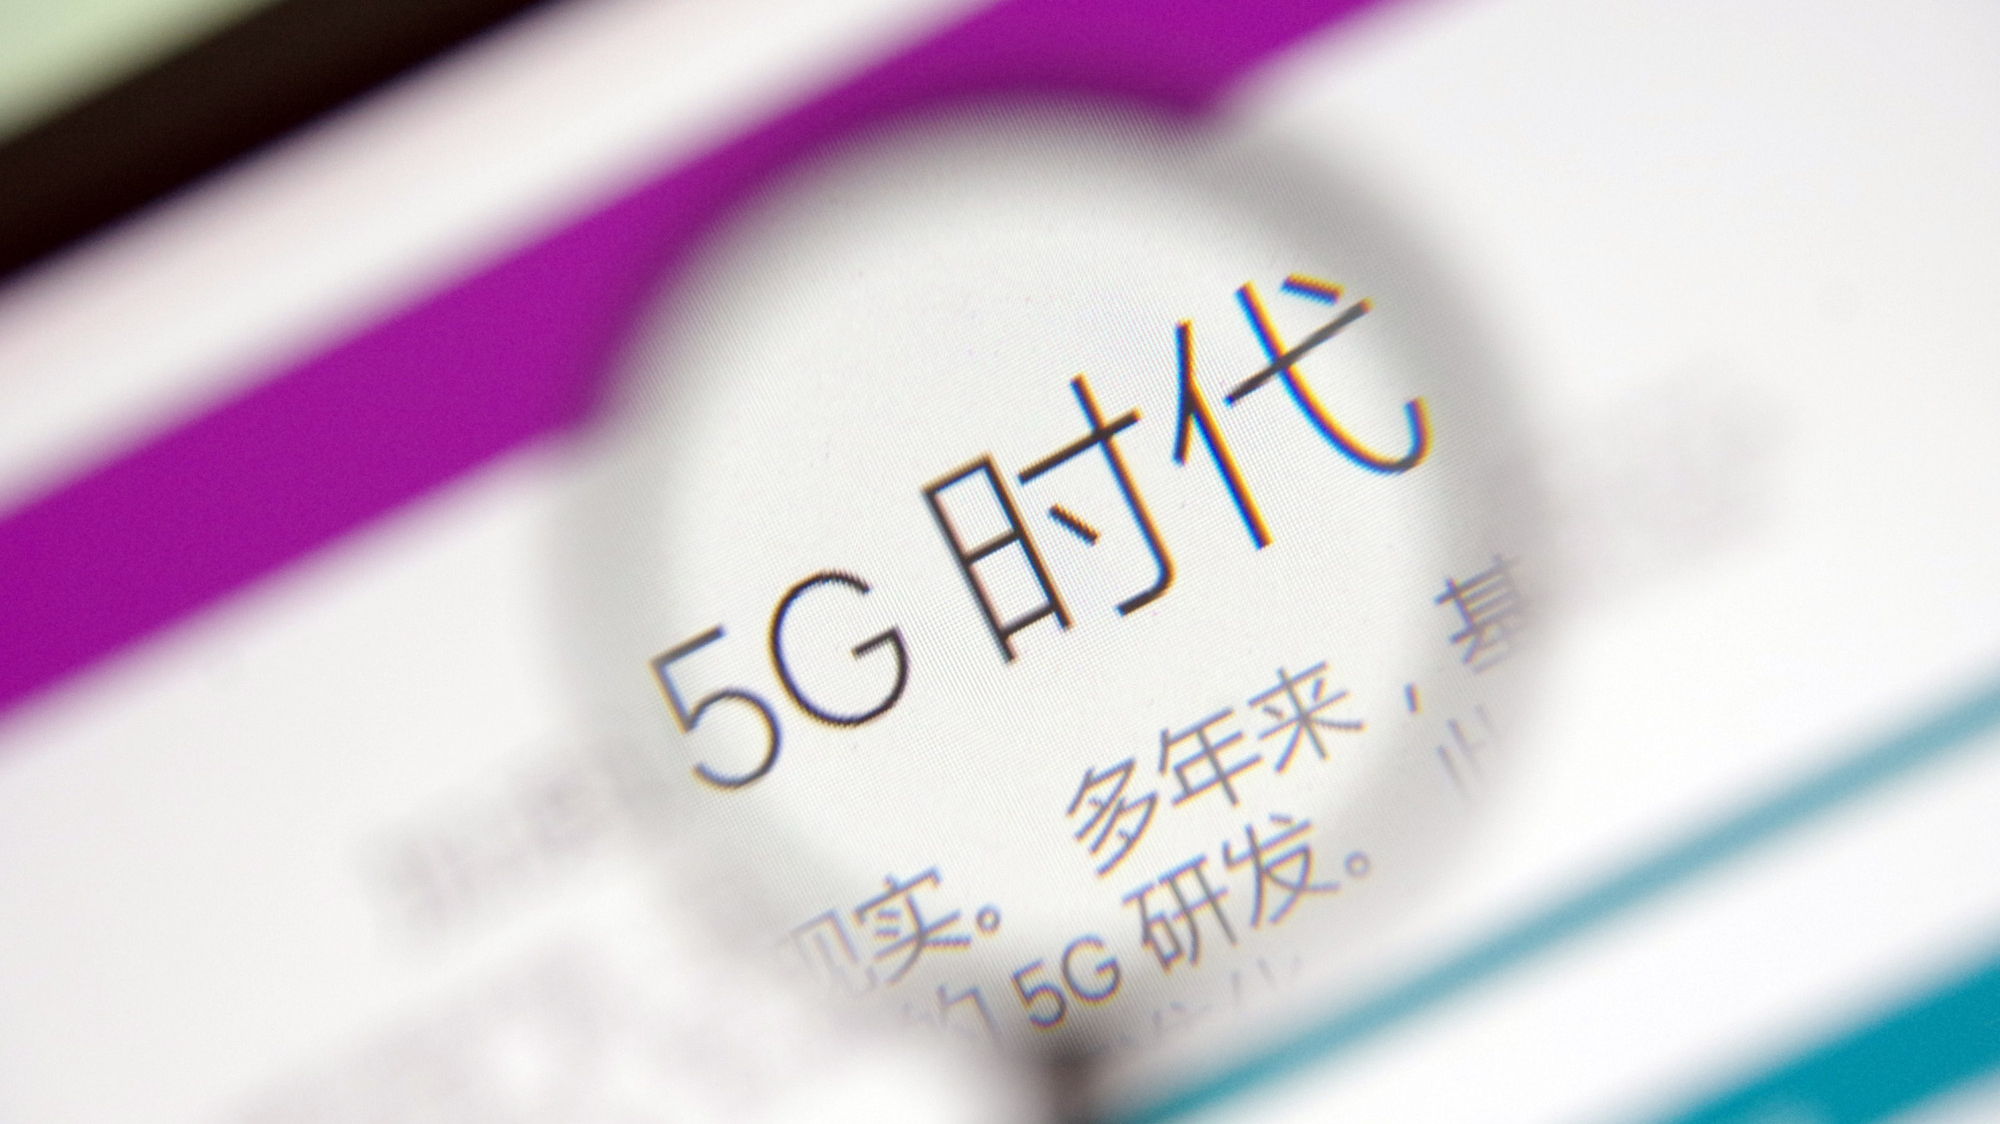 一张迟到的船票与尘埃落定的全球5G竞争格局